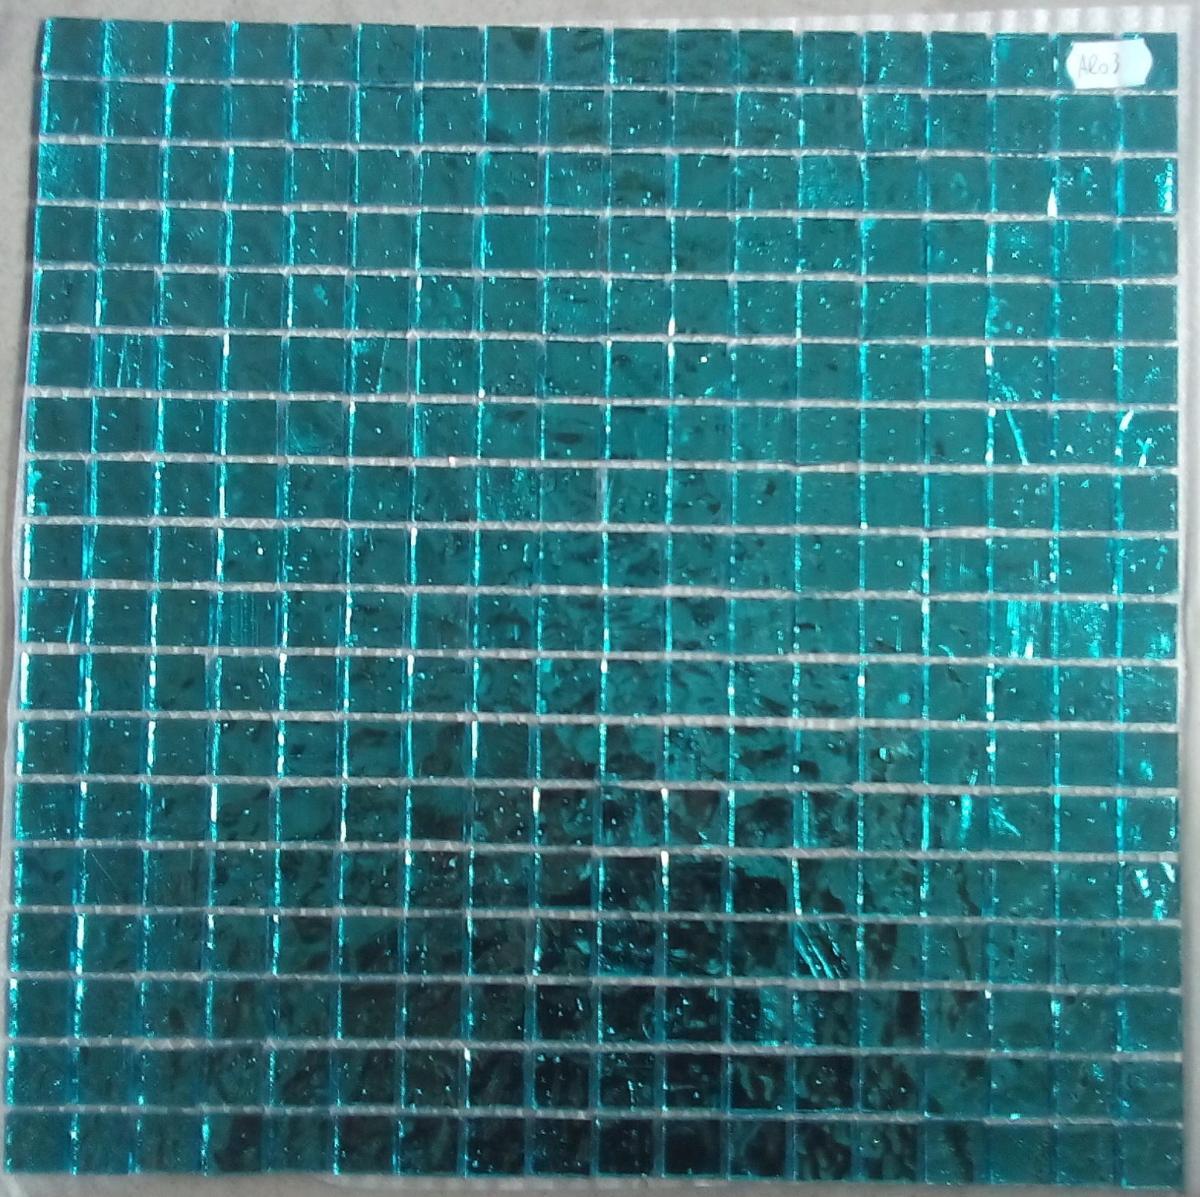 mosa que miroir et verre mosa que bleu cyan martel 1 5. Black Bedroom Furniture Sets. Home Design Ideas